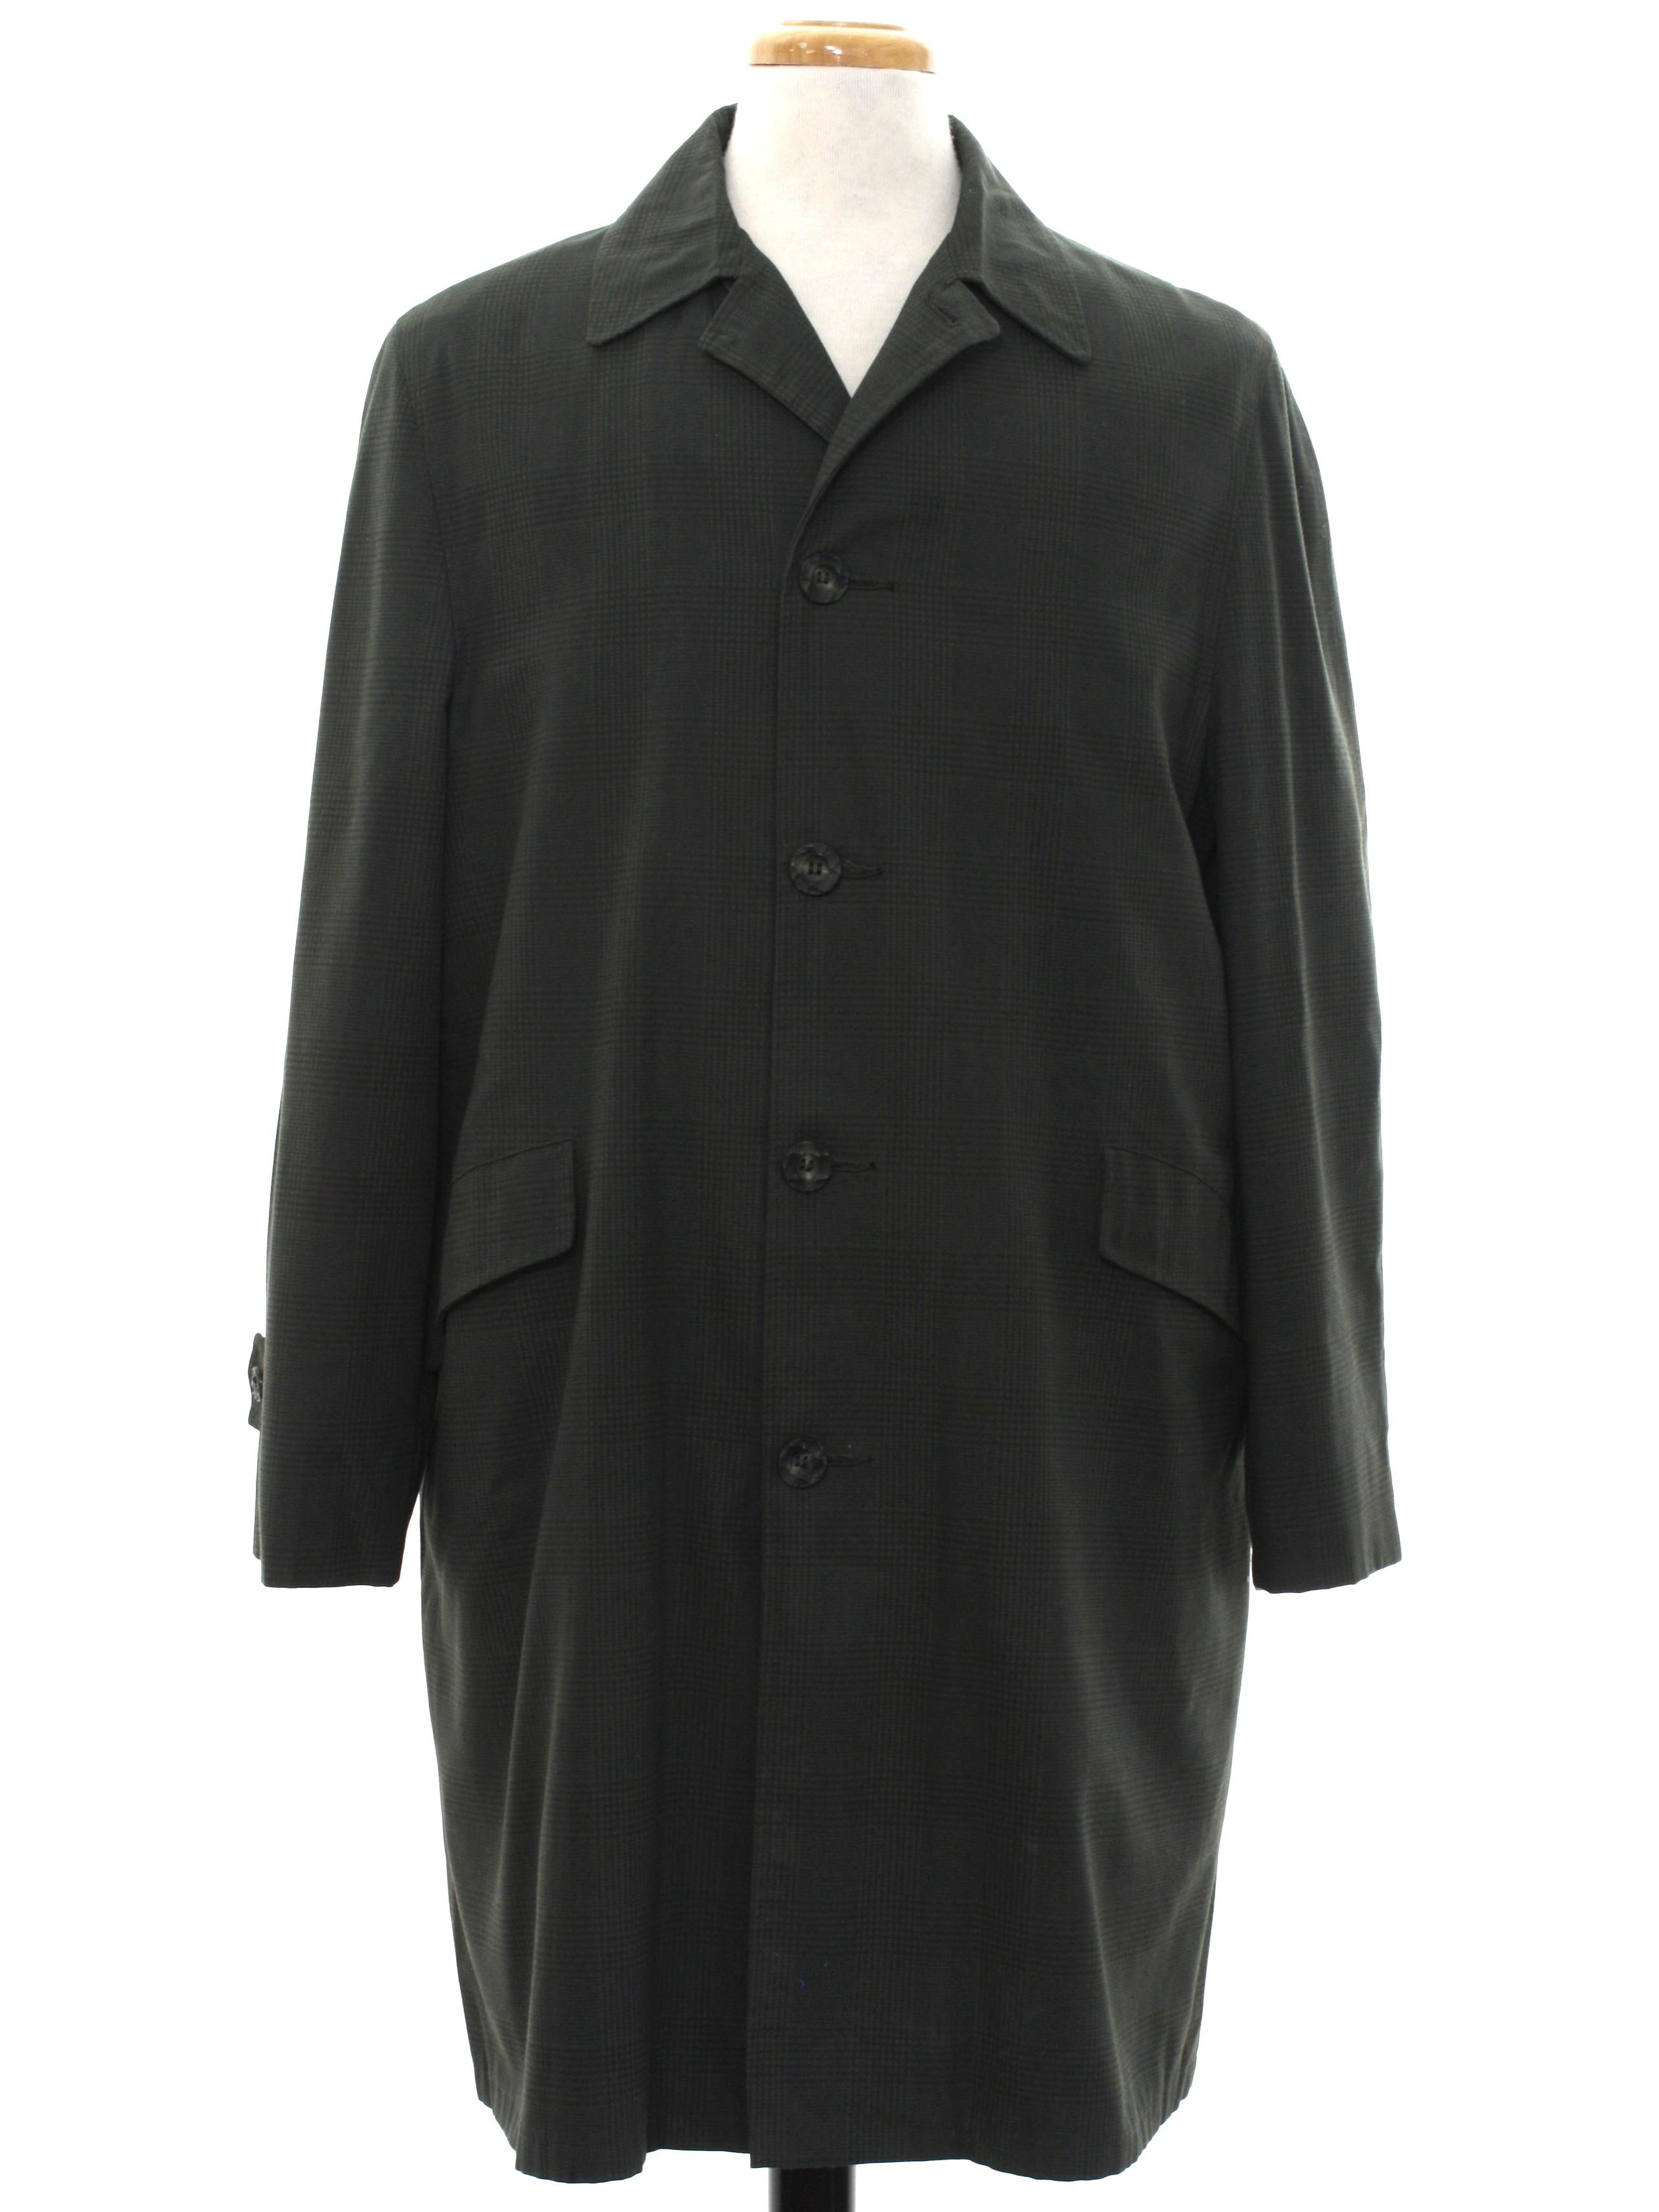 3cec4bd89a950 1960's Campus Mens Mod Overcoat Jacket